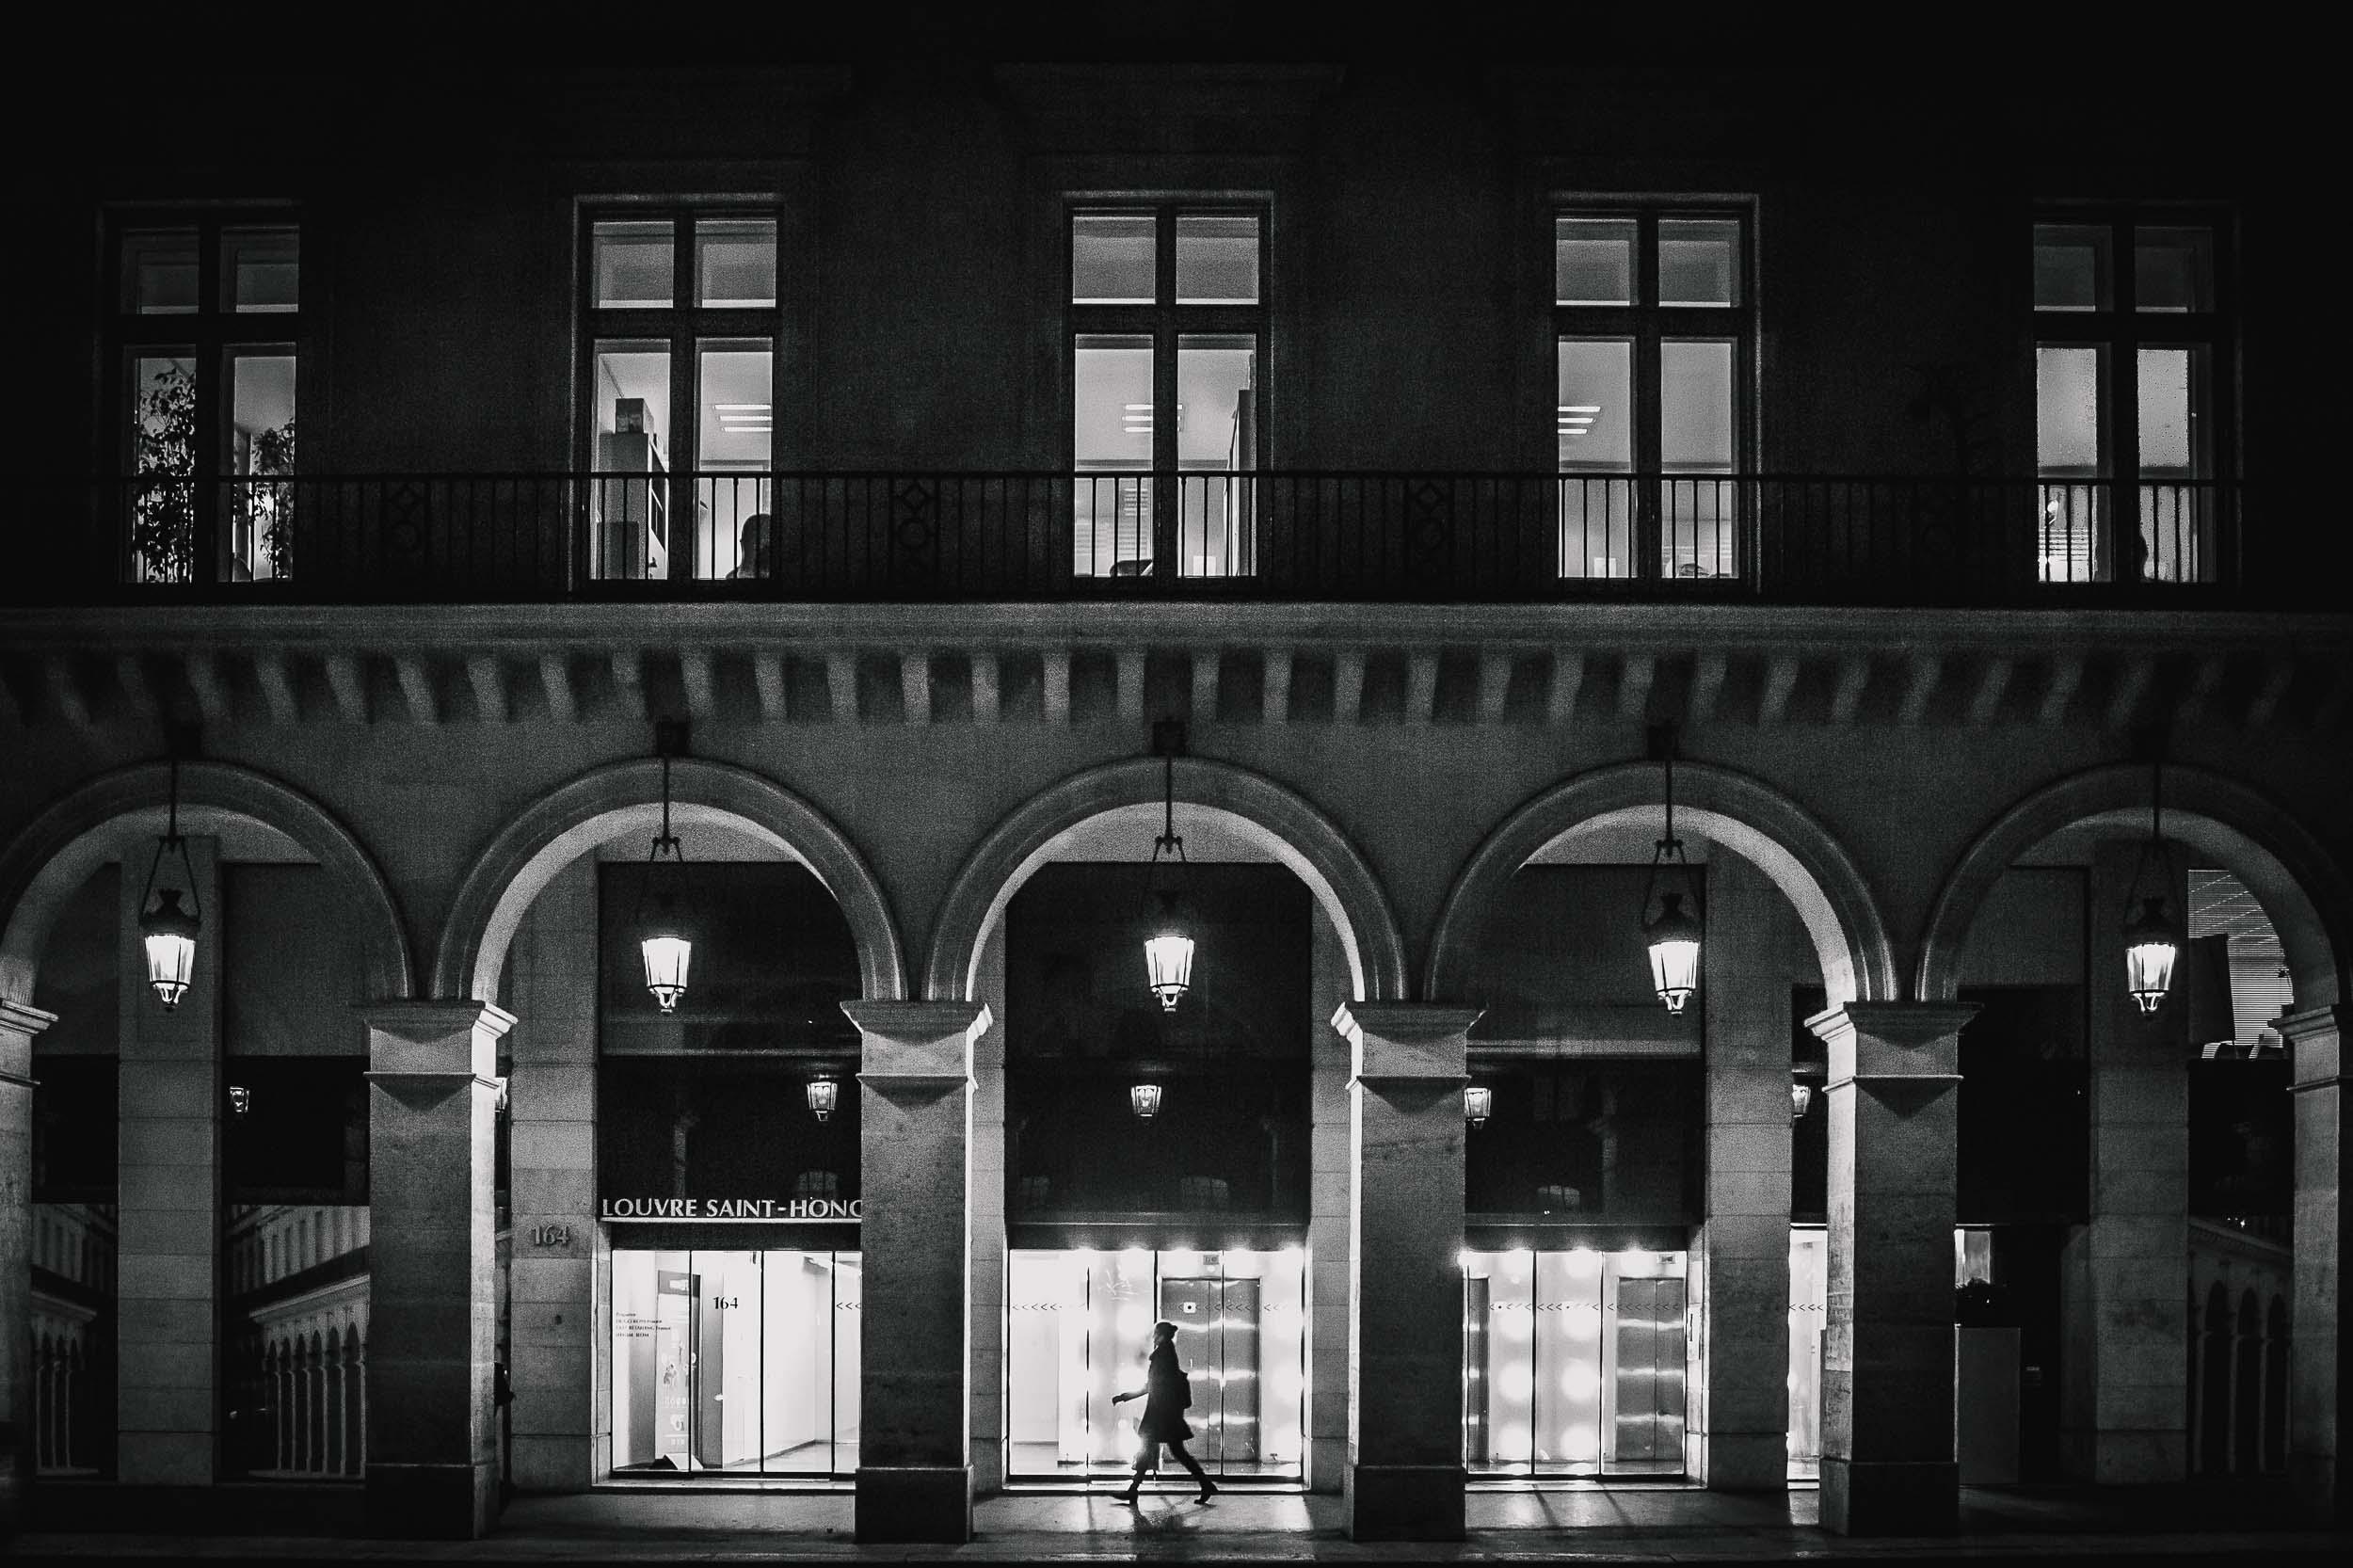 Paris-woman-walking-at-night.jpg